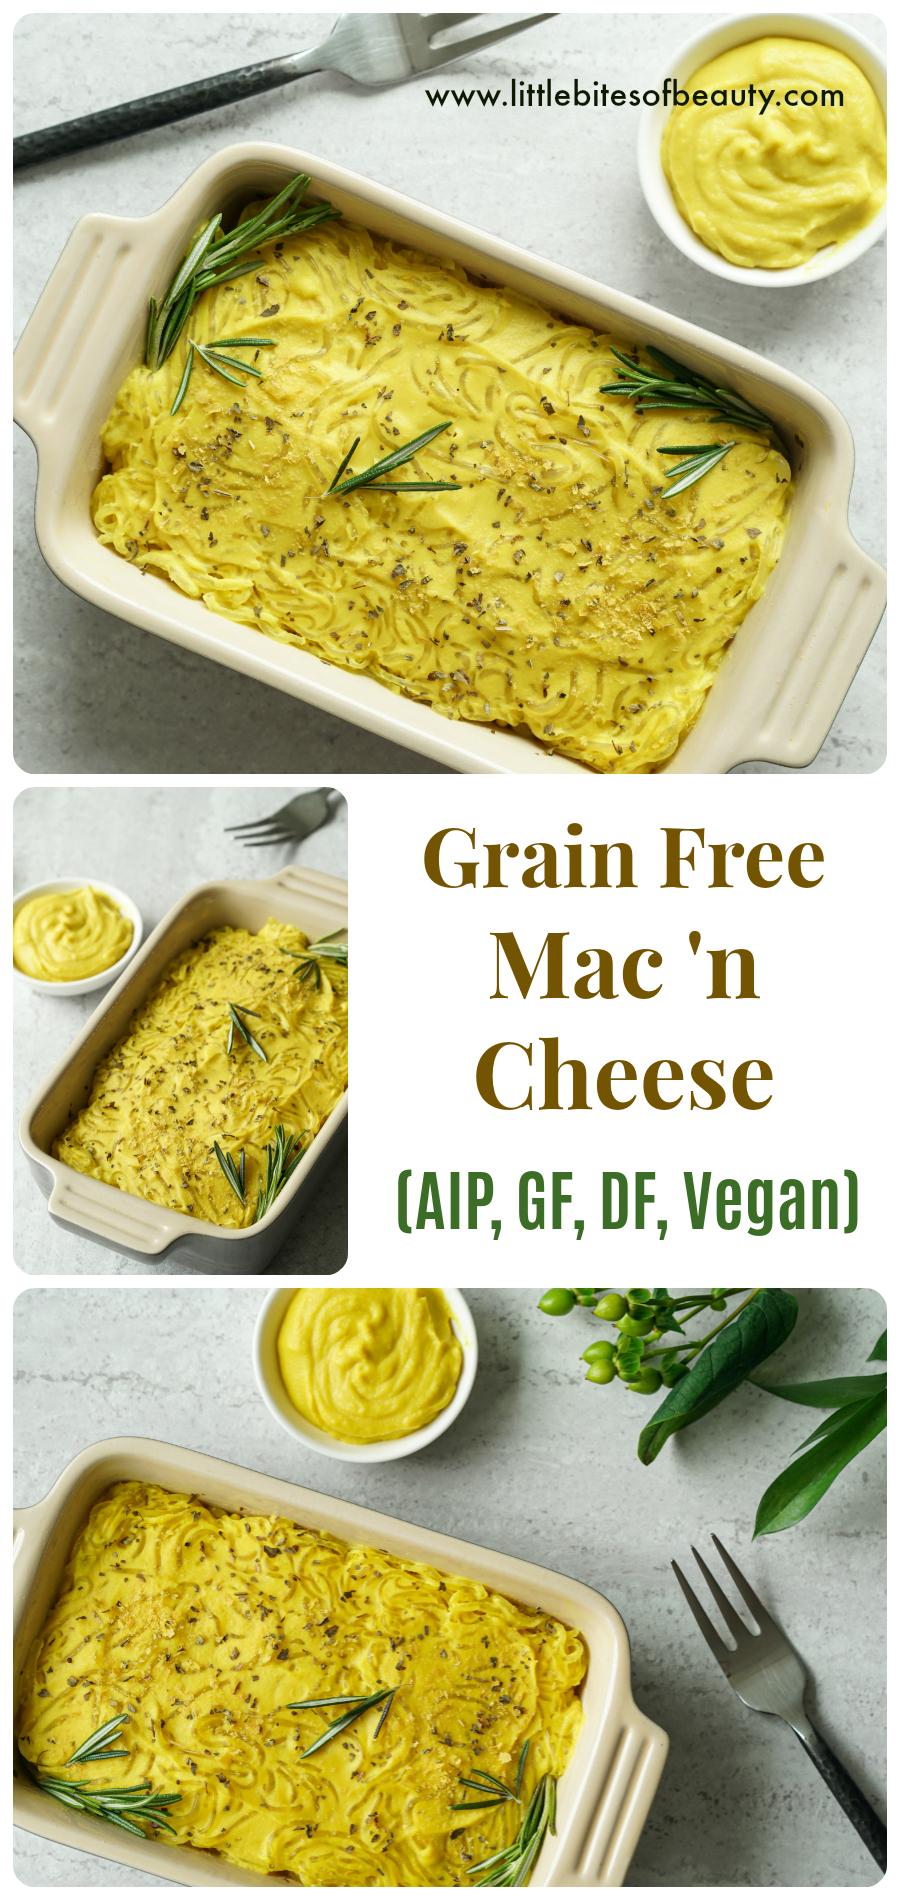 Grain Free Mac and Cheese (AIP, GF, DF, Vegan)